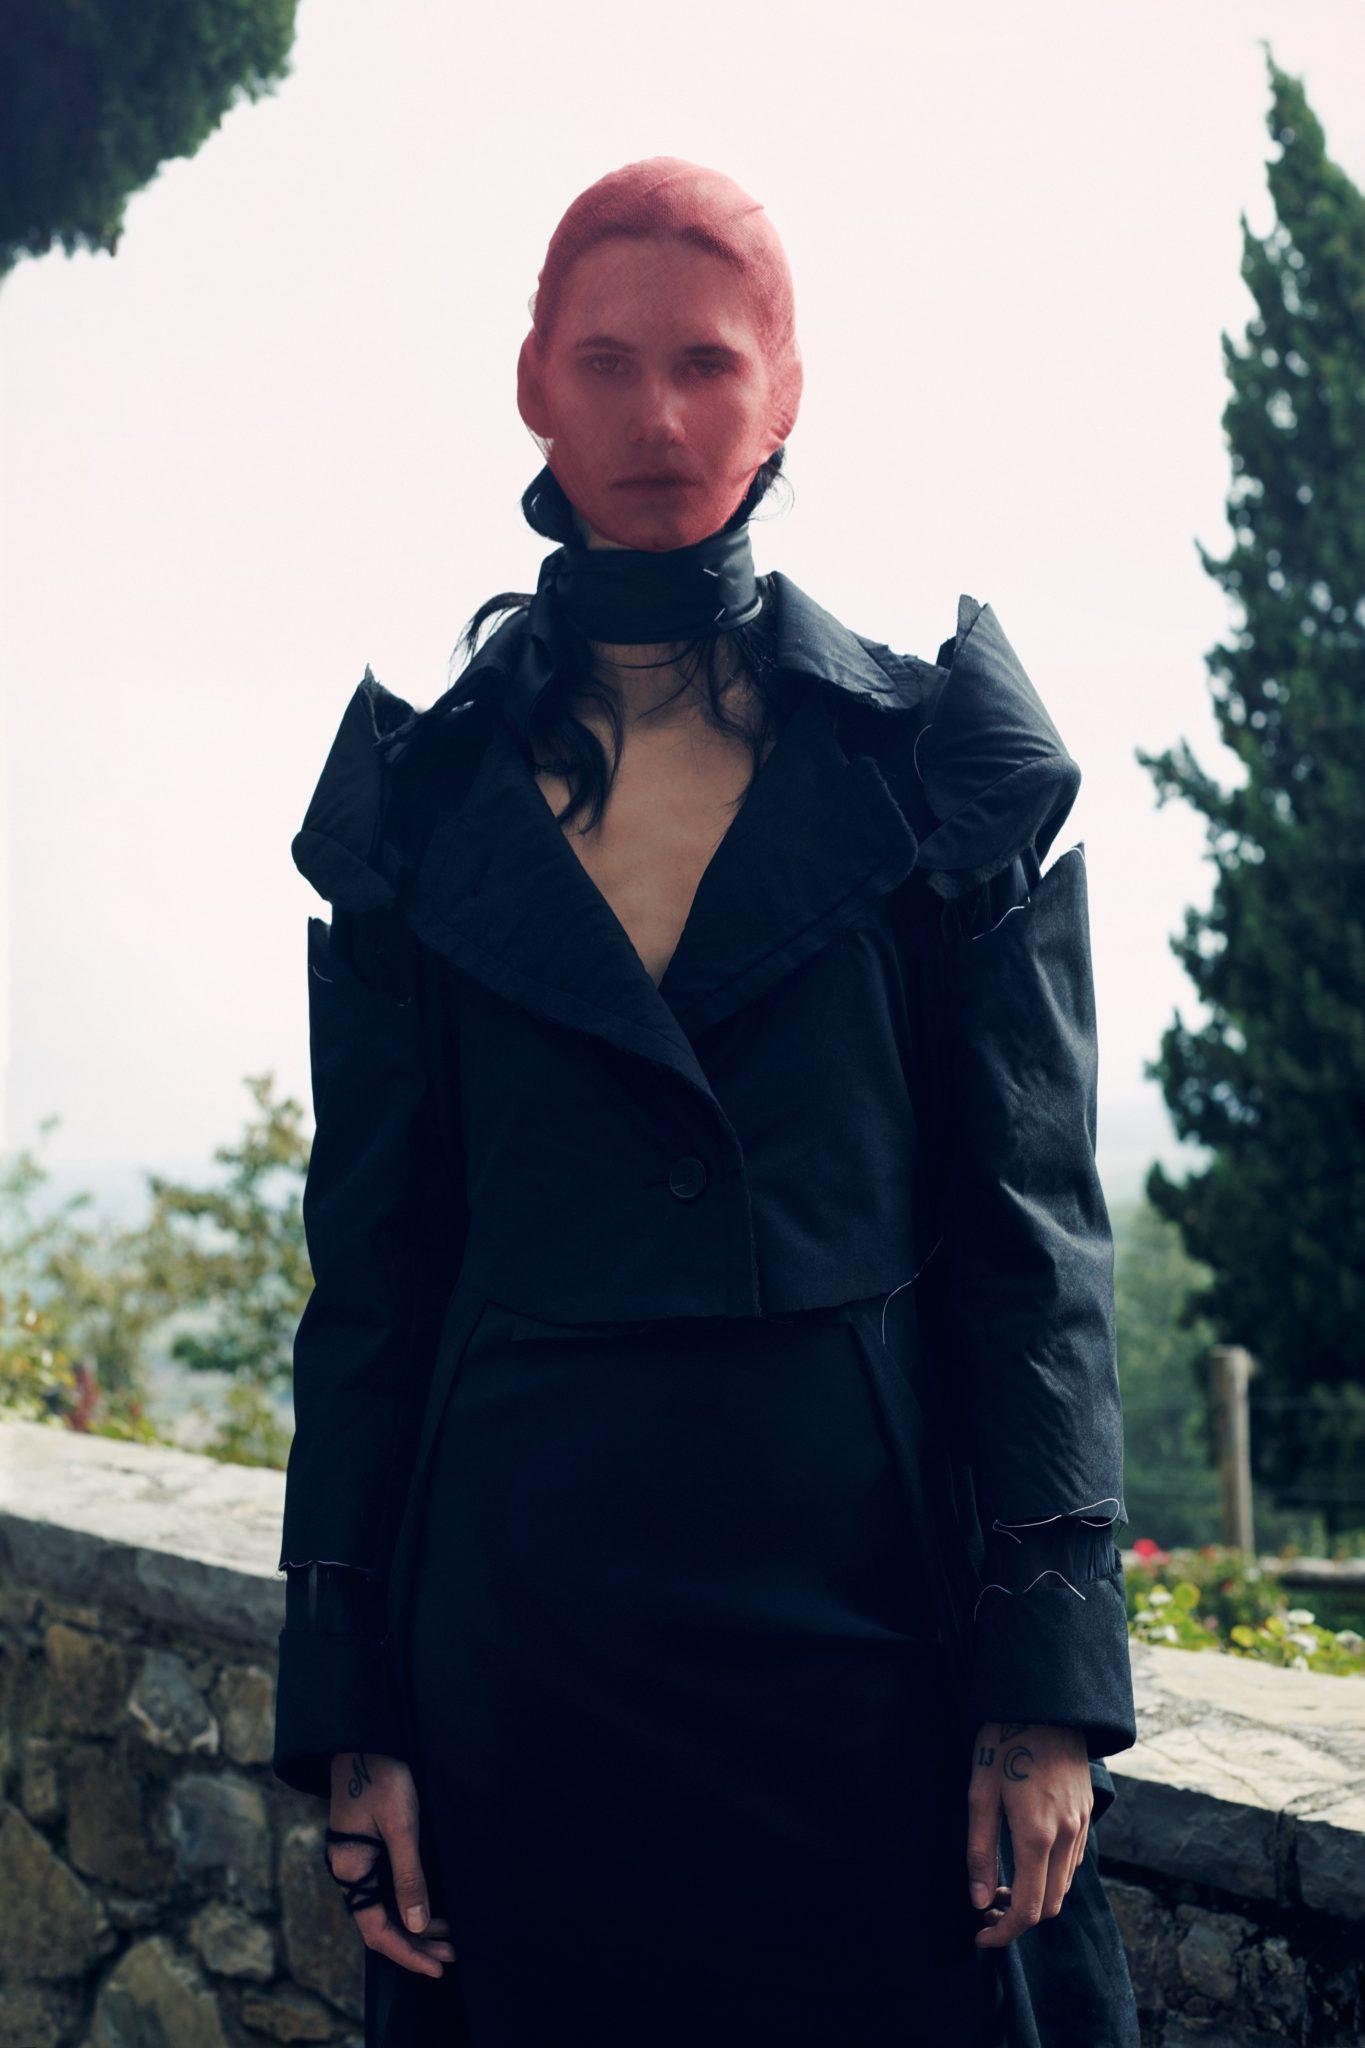 De SS21-collectie van Maison Margiela biedt stijlvolle inspiratie voor Halloween - 3